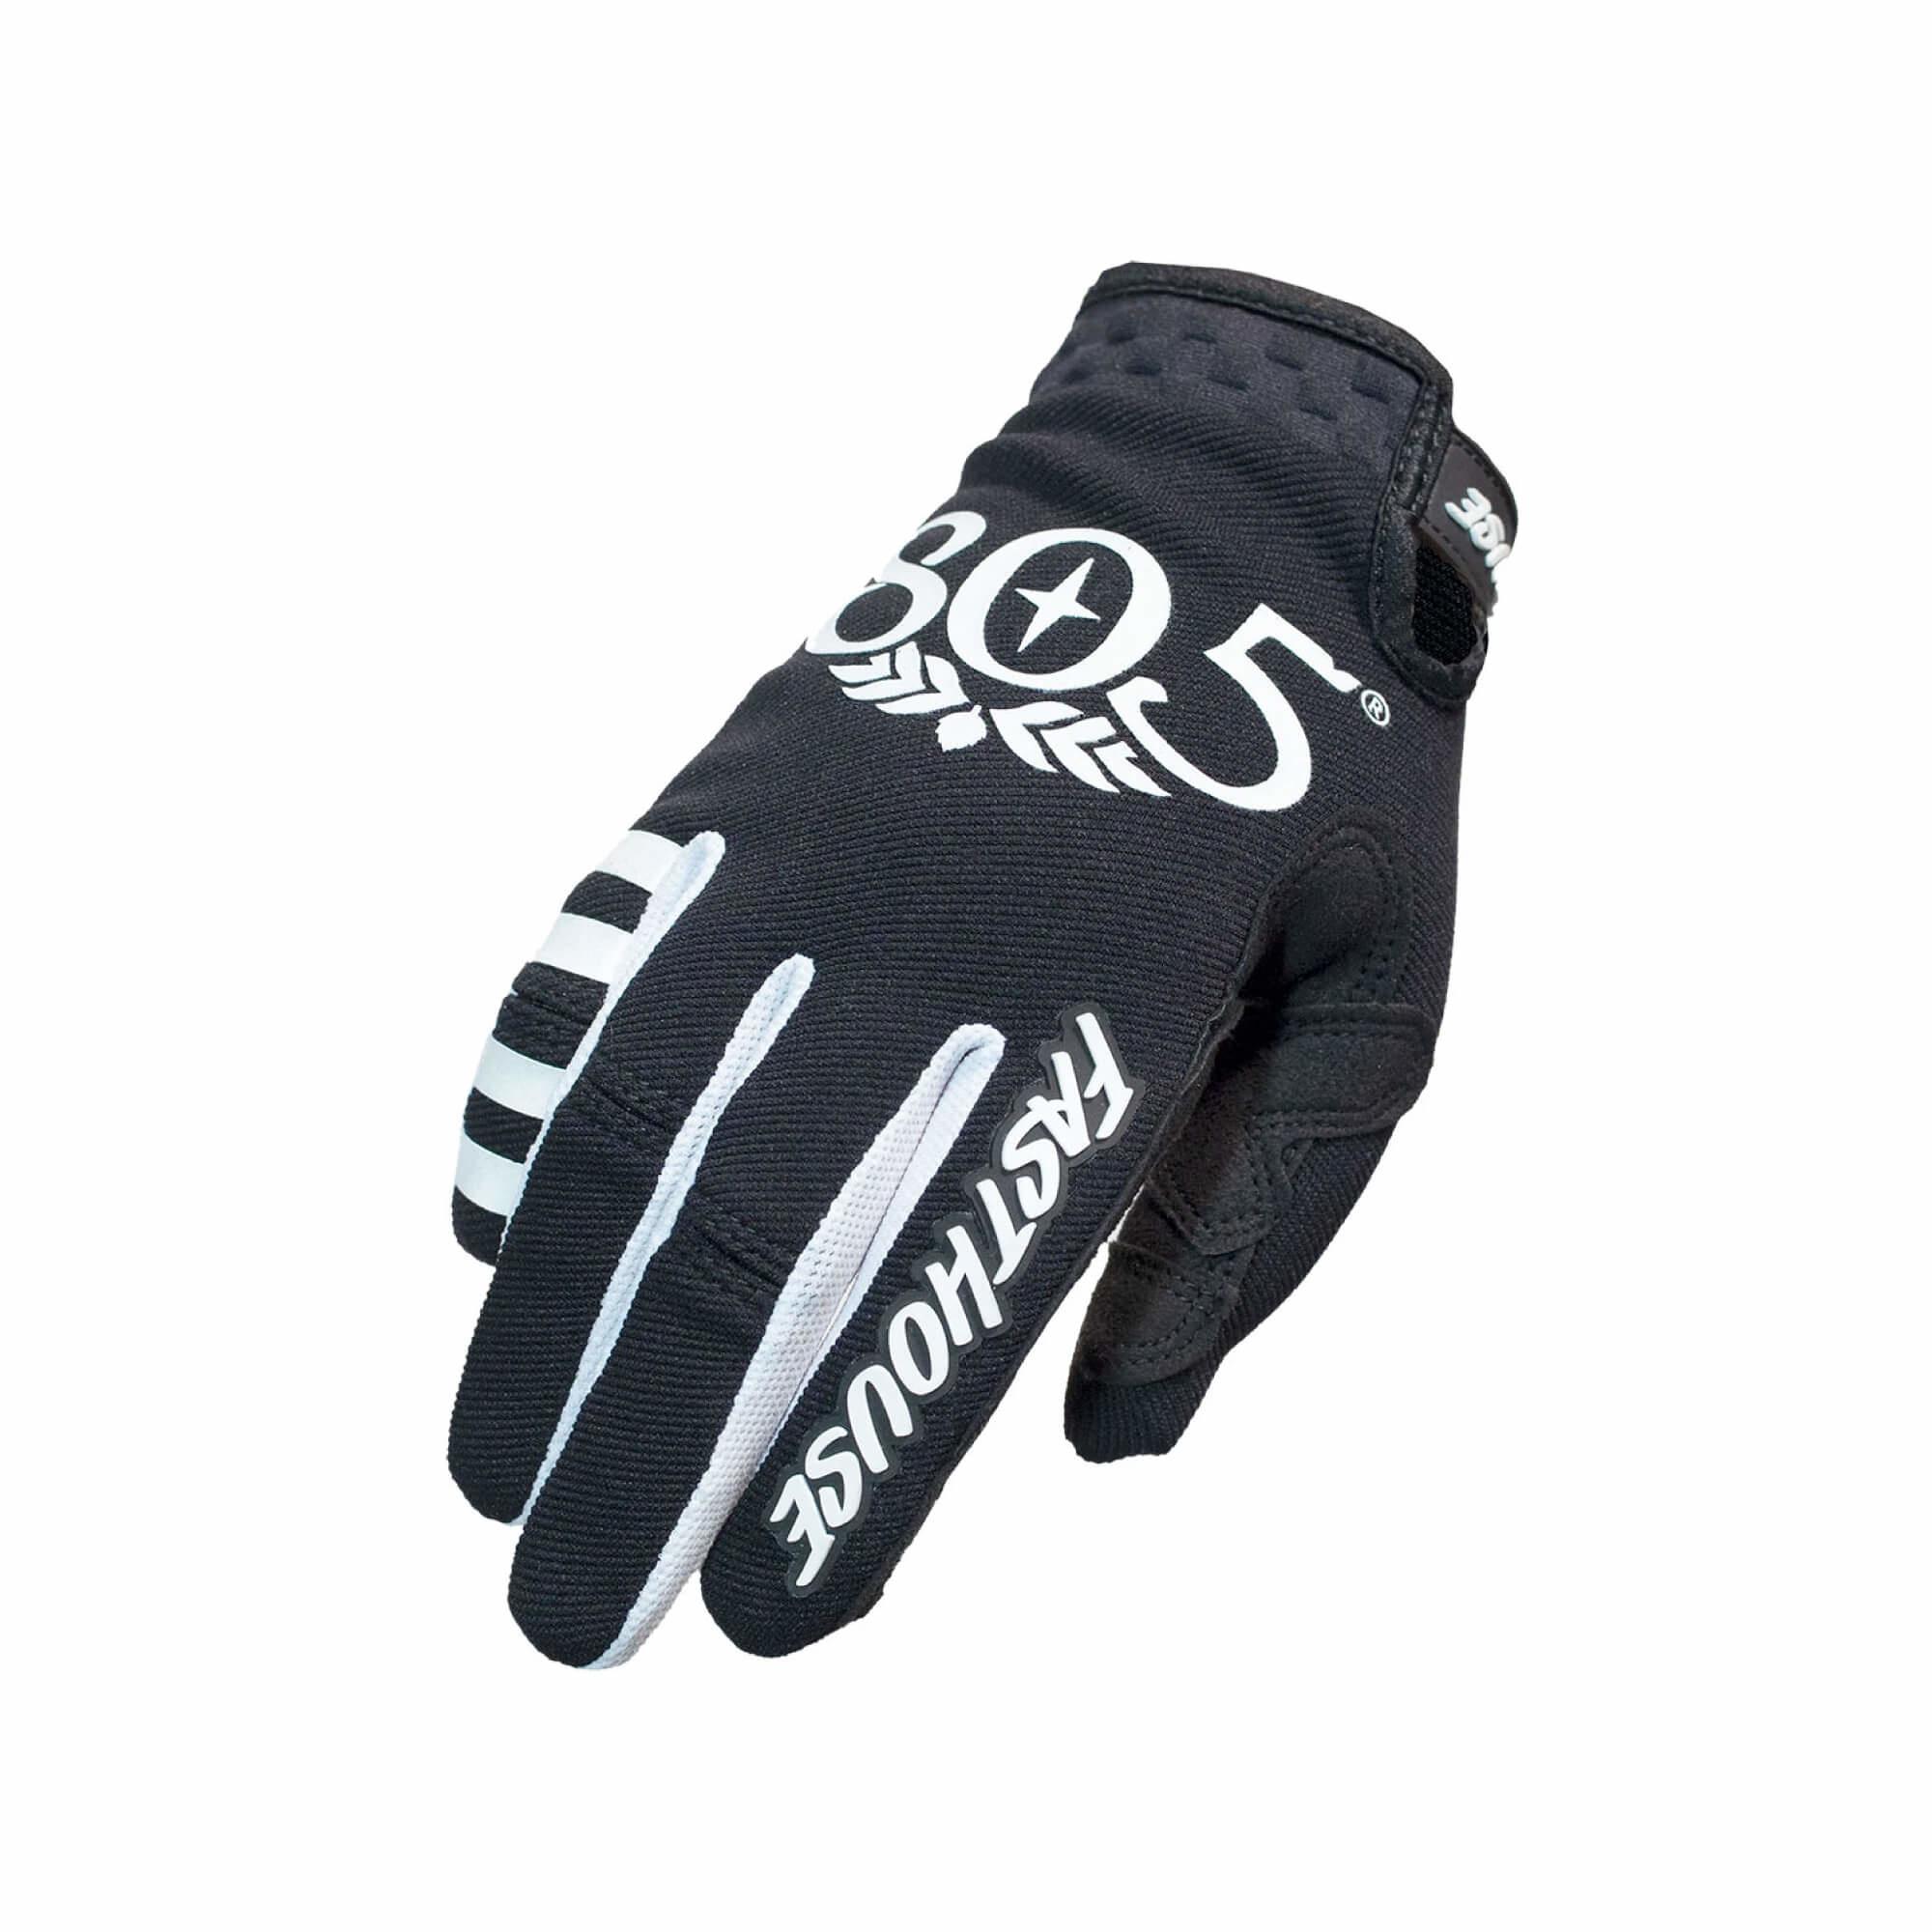 805 Glove-1